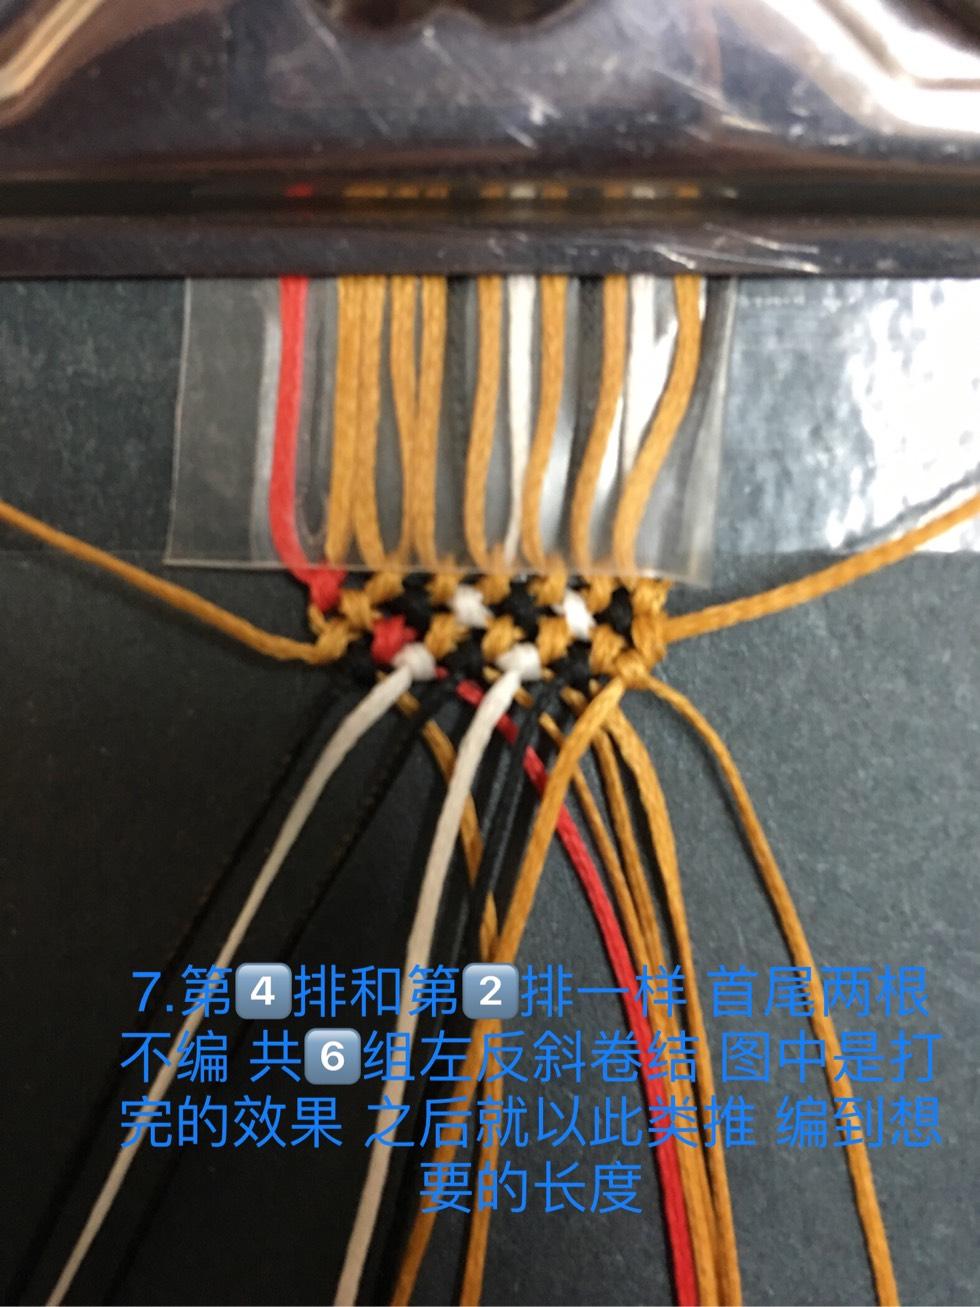 中国结论坛 经典配色款手绳 红黑绳编手链 图文教程区 002121fsitddtxhif17aqd